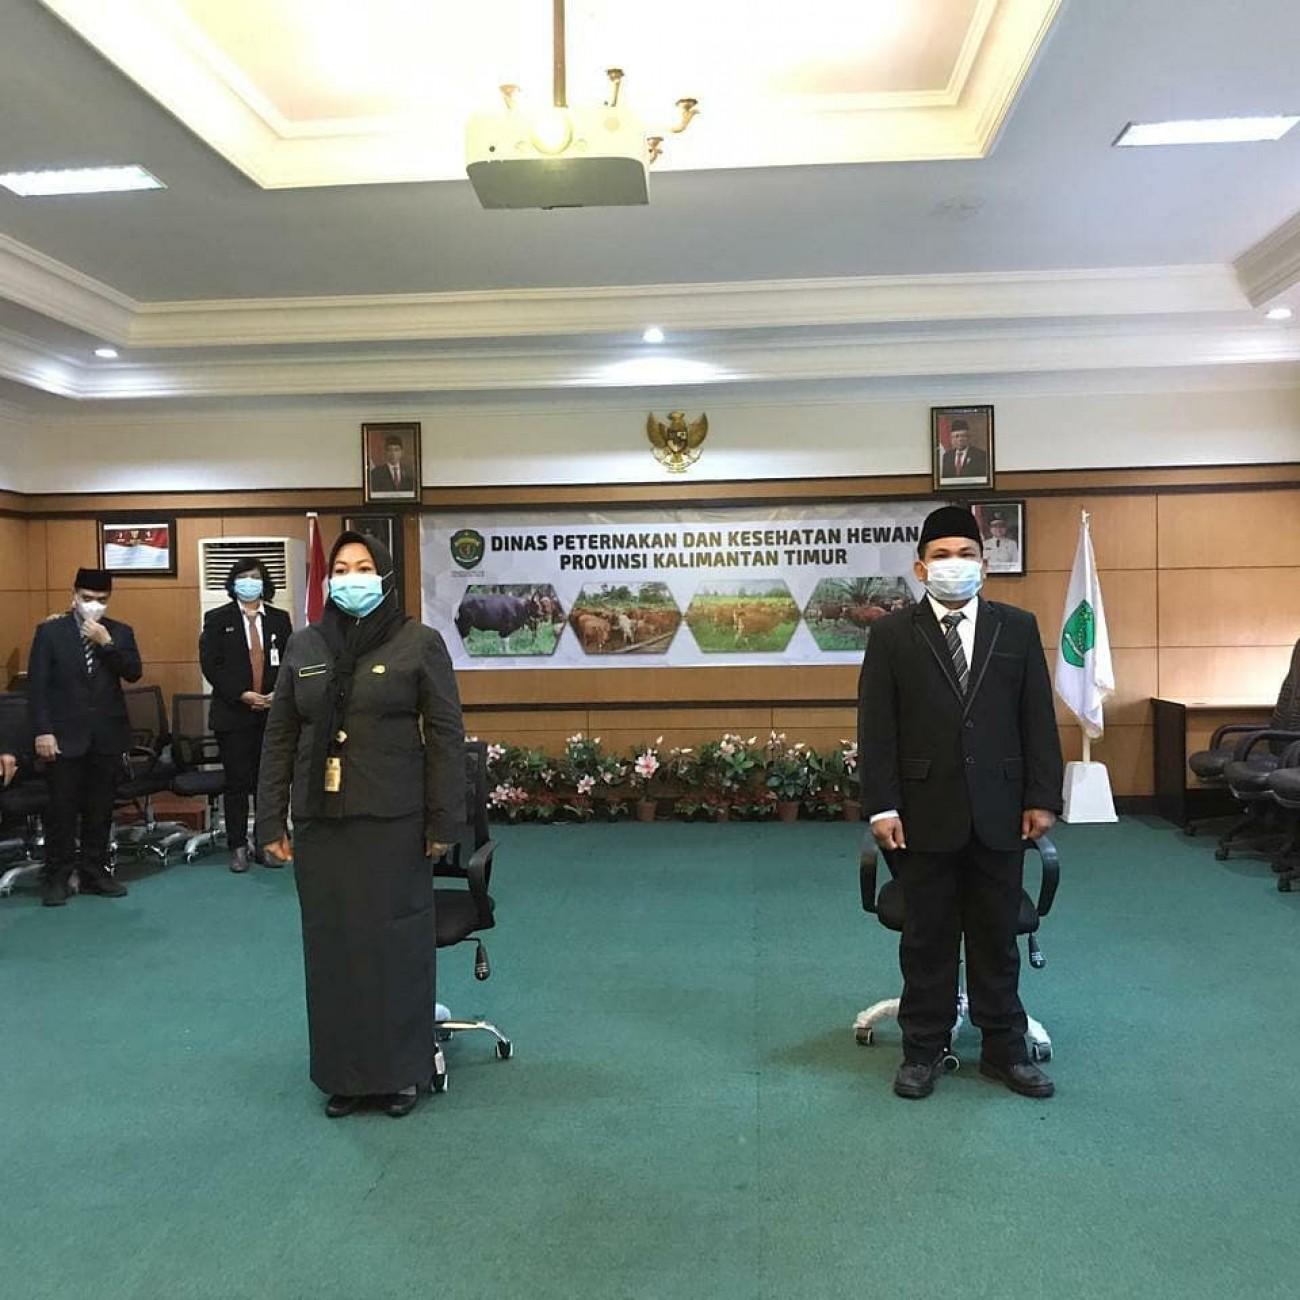 Gubernur Kaltim melantik 2 pejabat baru di lingkup Dinas PKH